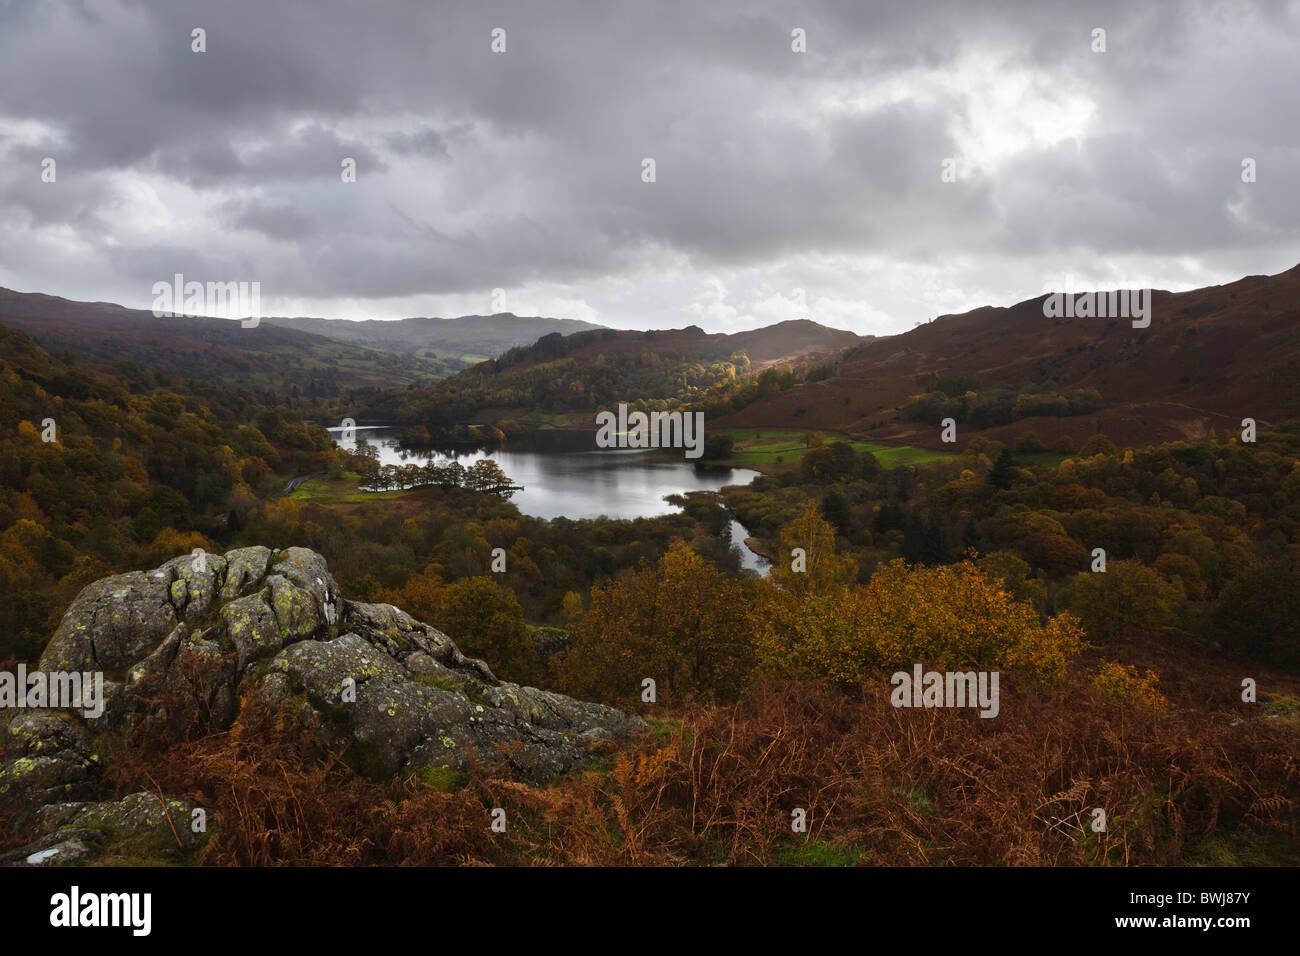 Rydal acqua dal muschio bianco comune, Parco Nazionale del Distretto dei Laghi, Cumbria, Inghilterra Immagini Stock